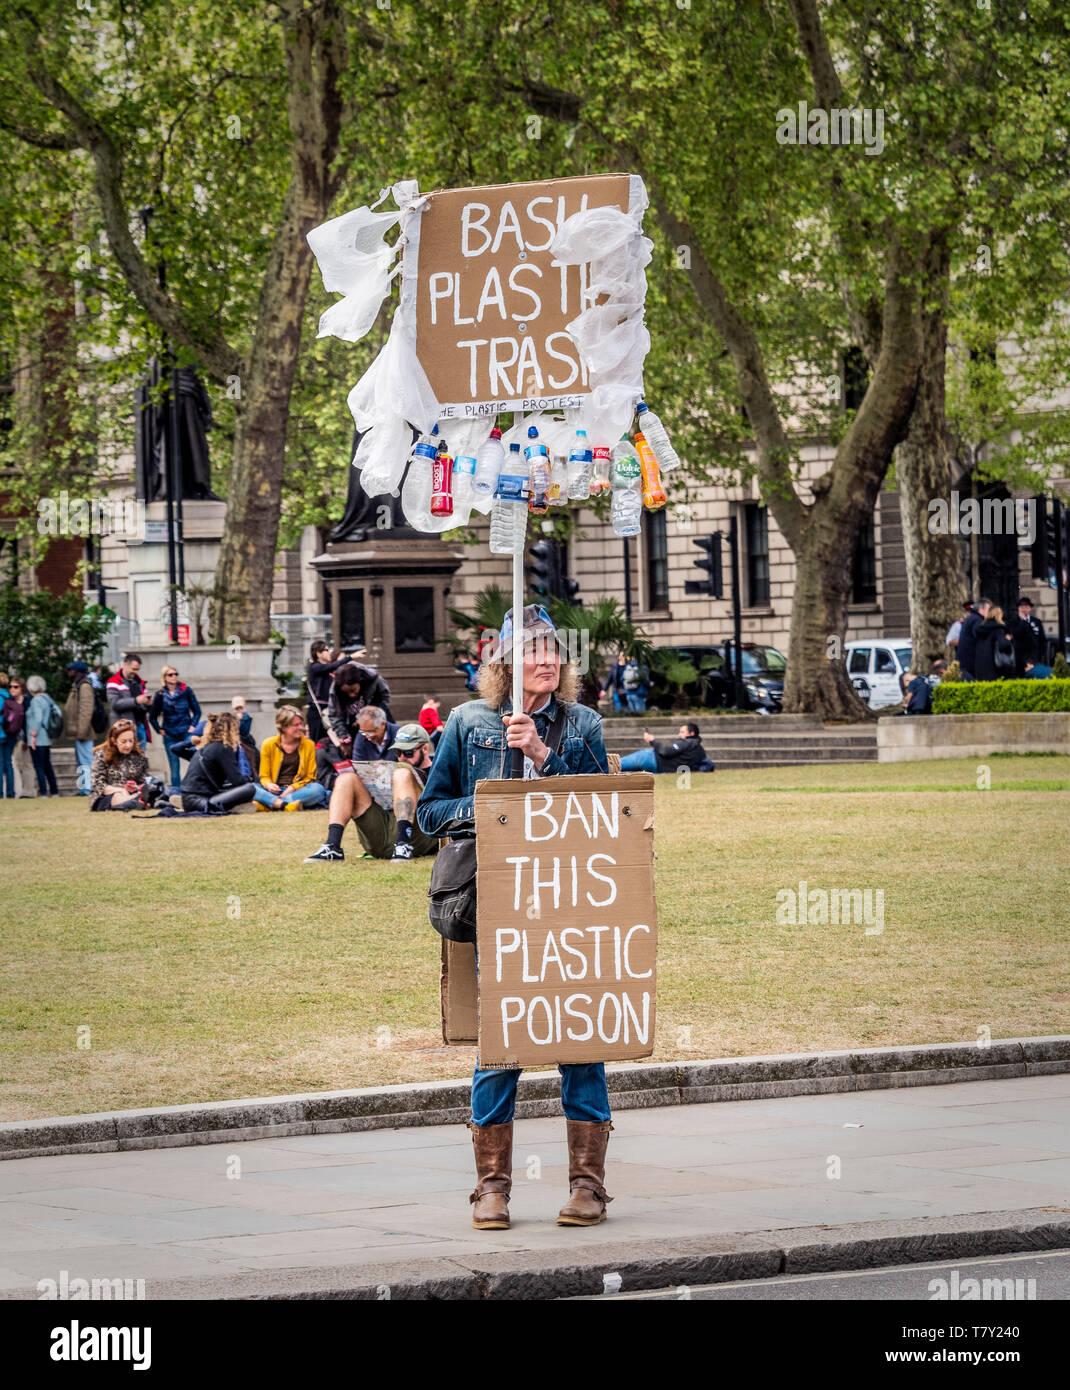 Corbeille en plastique Bash manifestant avec des pancartes à l'extérieur de Westminster, Londres, Royaume-Uni. Photo Stock